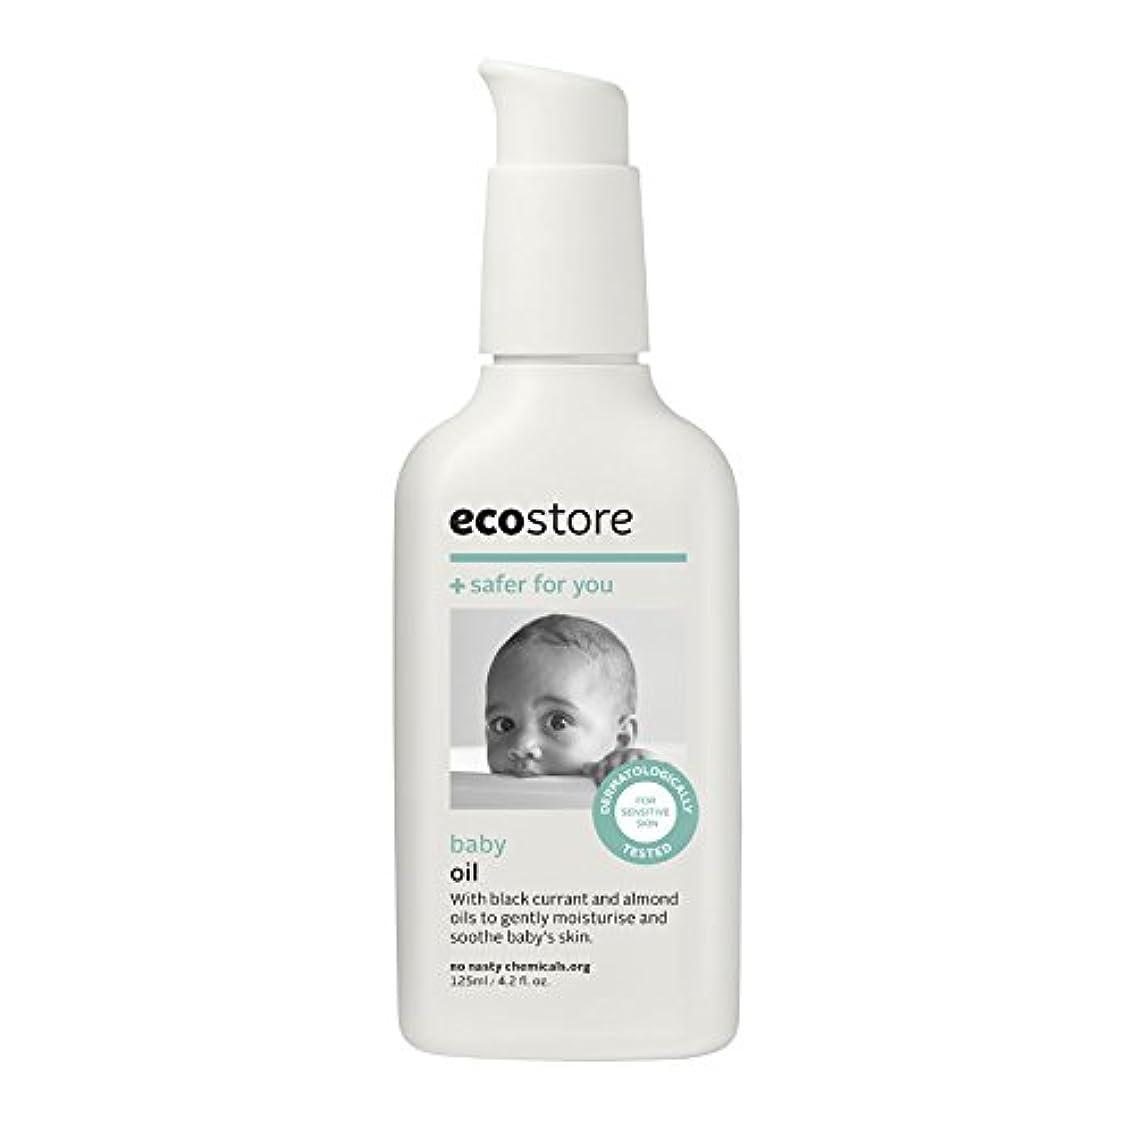 ecostore(エコストア) ベビーオイル  【ラベンダー&ゼラニウム 】 125ml 赤ちゃん用 ベビーケア マタニティ